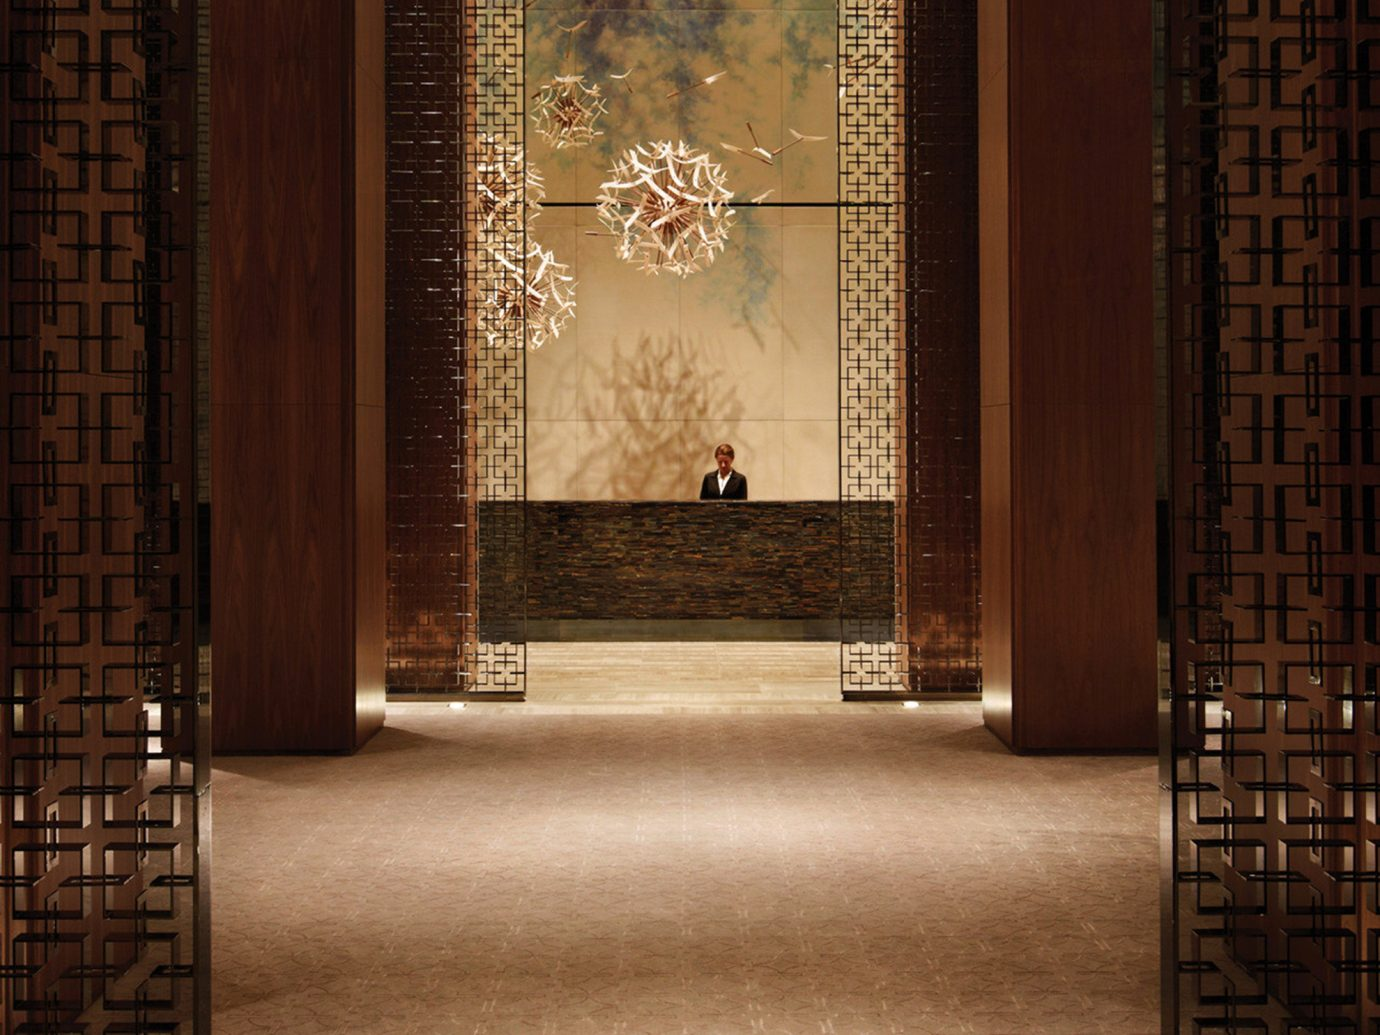 Architecture Canada Design Hotels Lobby Luxury Resort Toronto indoor wall floor flooring interior design wood lighting window covering door altar tiled